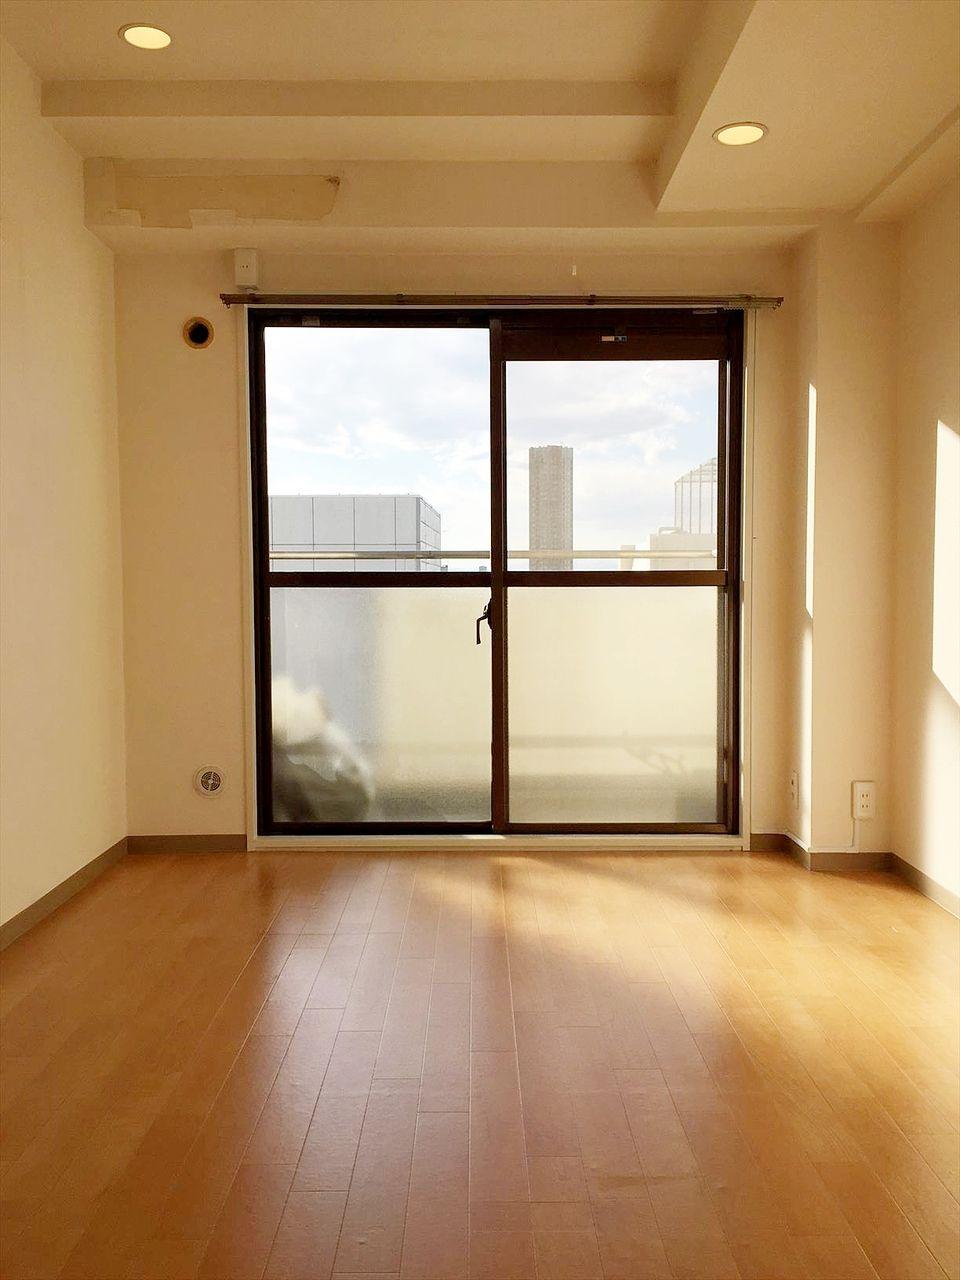 池袋の分譲賃貸マンション 池袋ダイカンプラザ1102号室の退去が完了しました